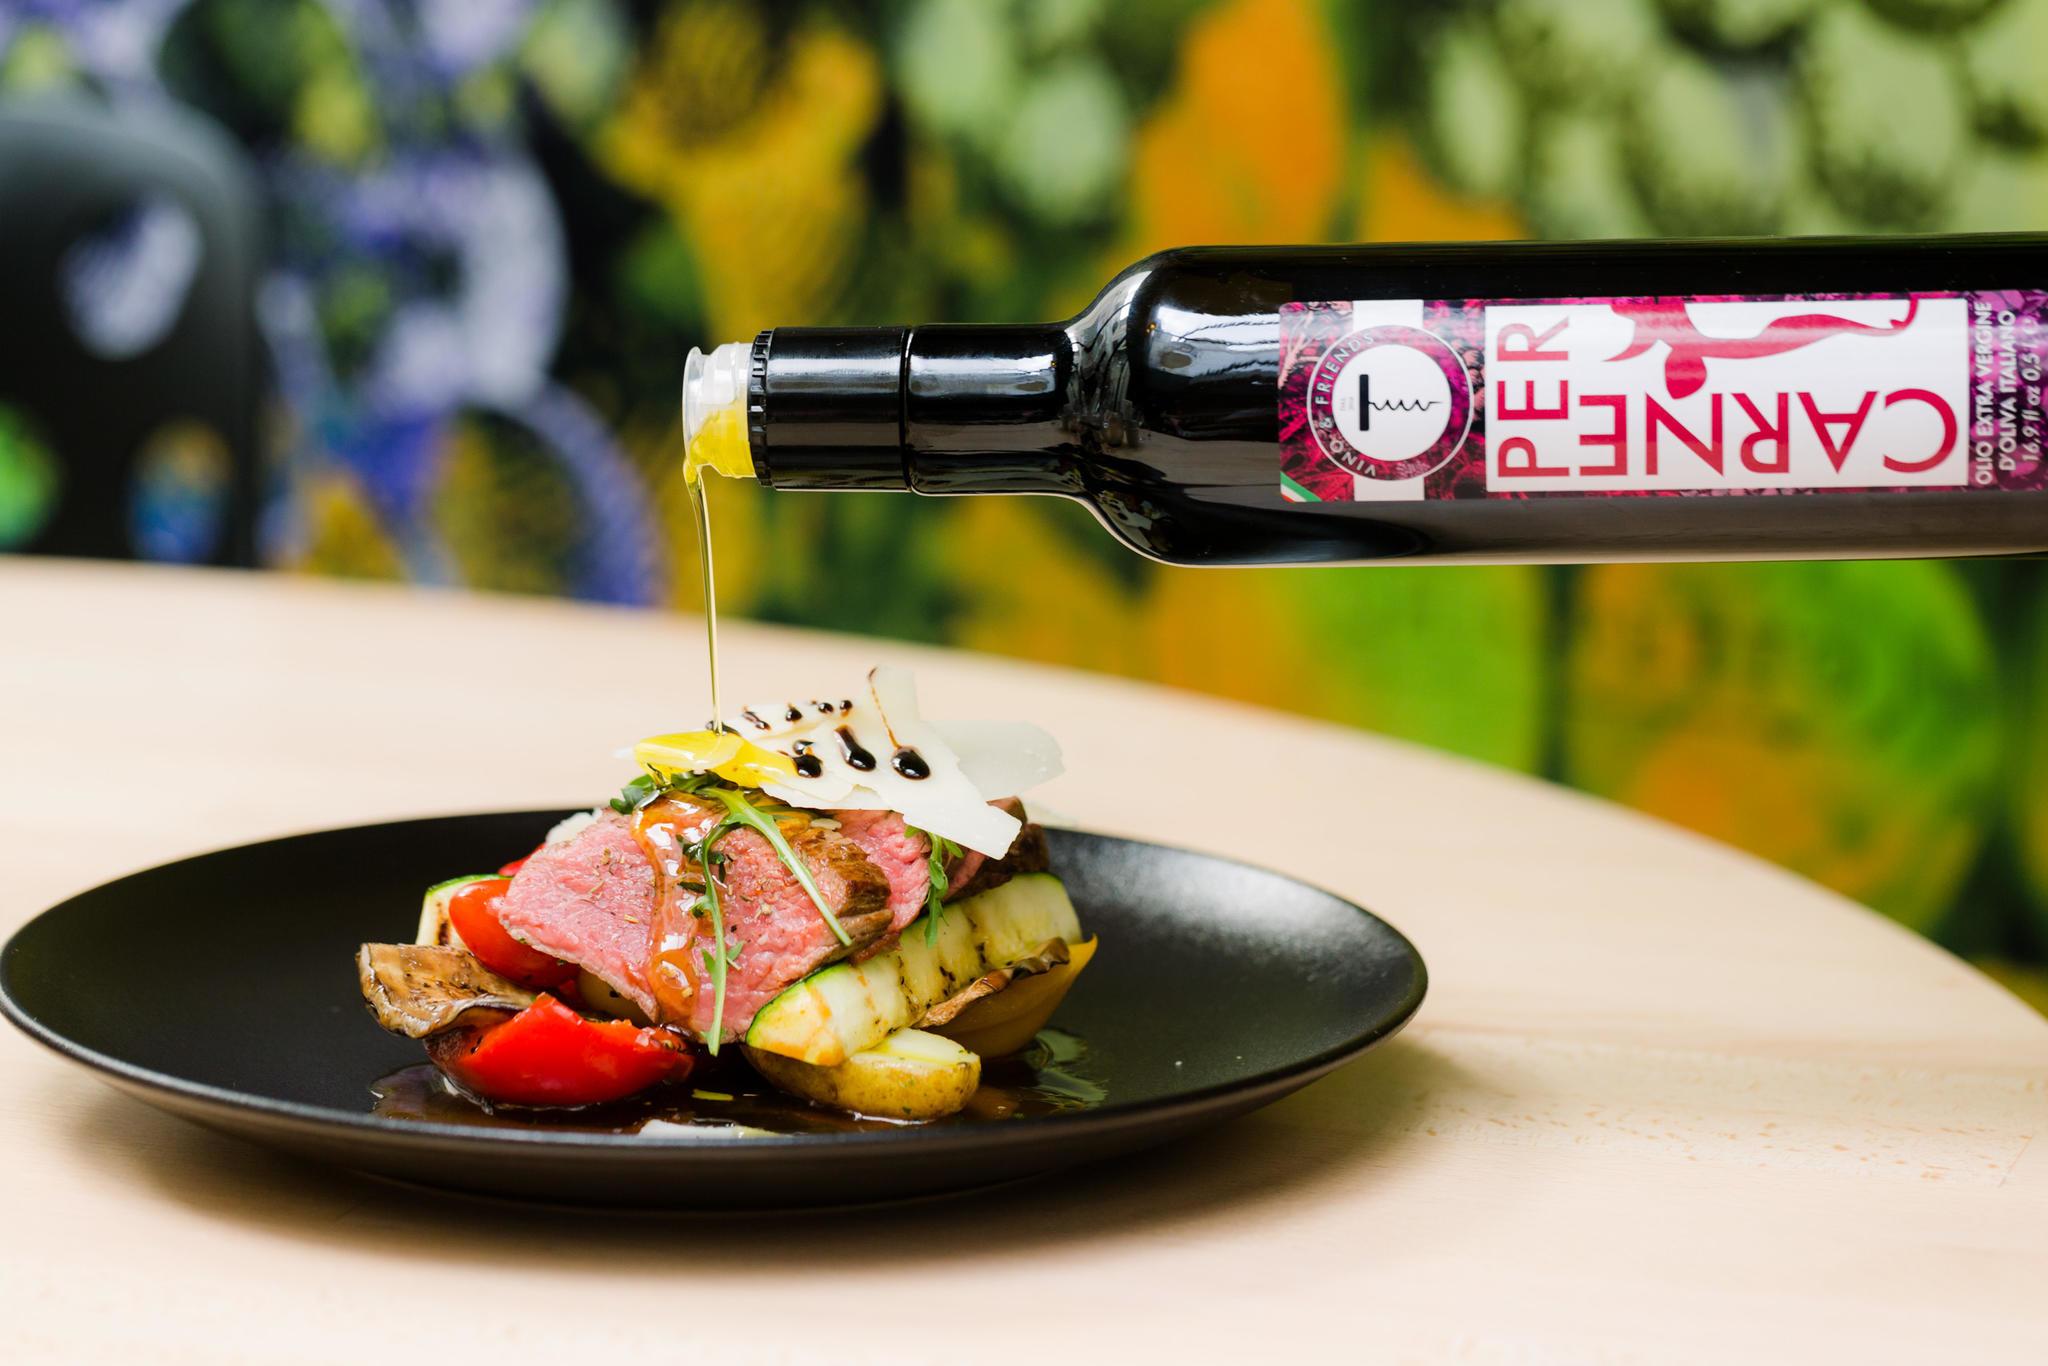 Vino&Friends olijfolies